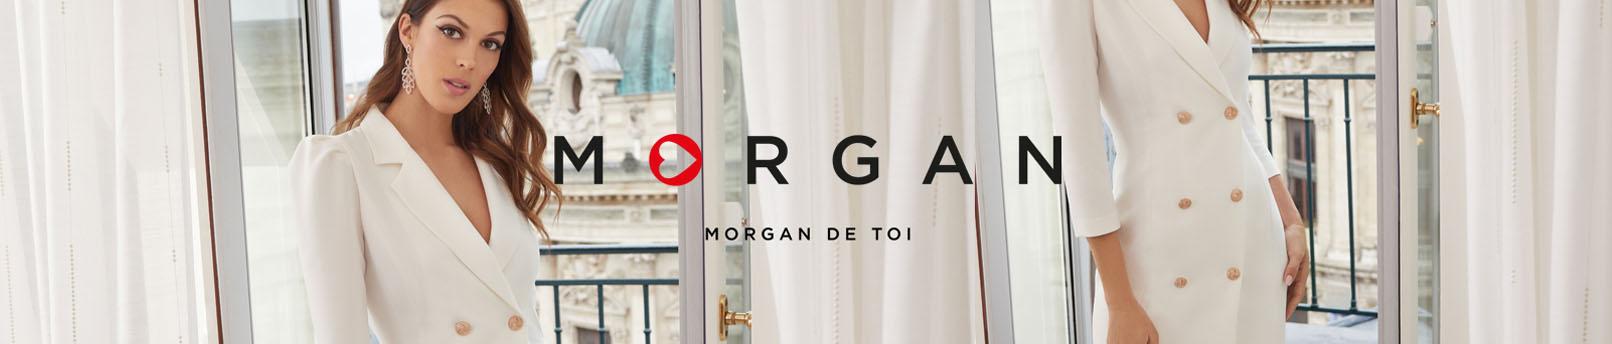 Descubre Morgan